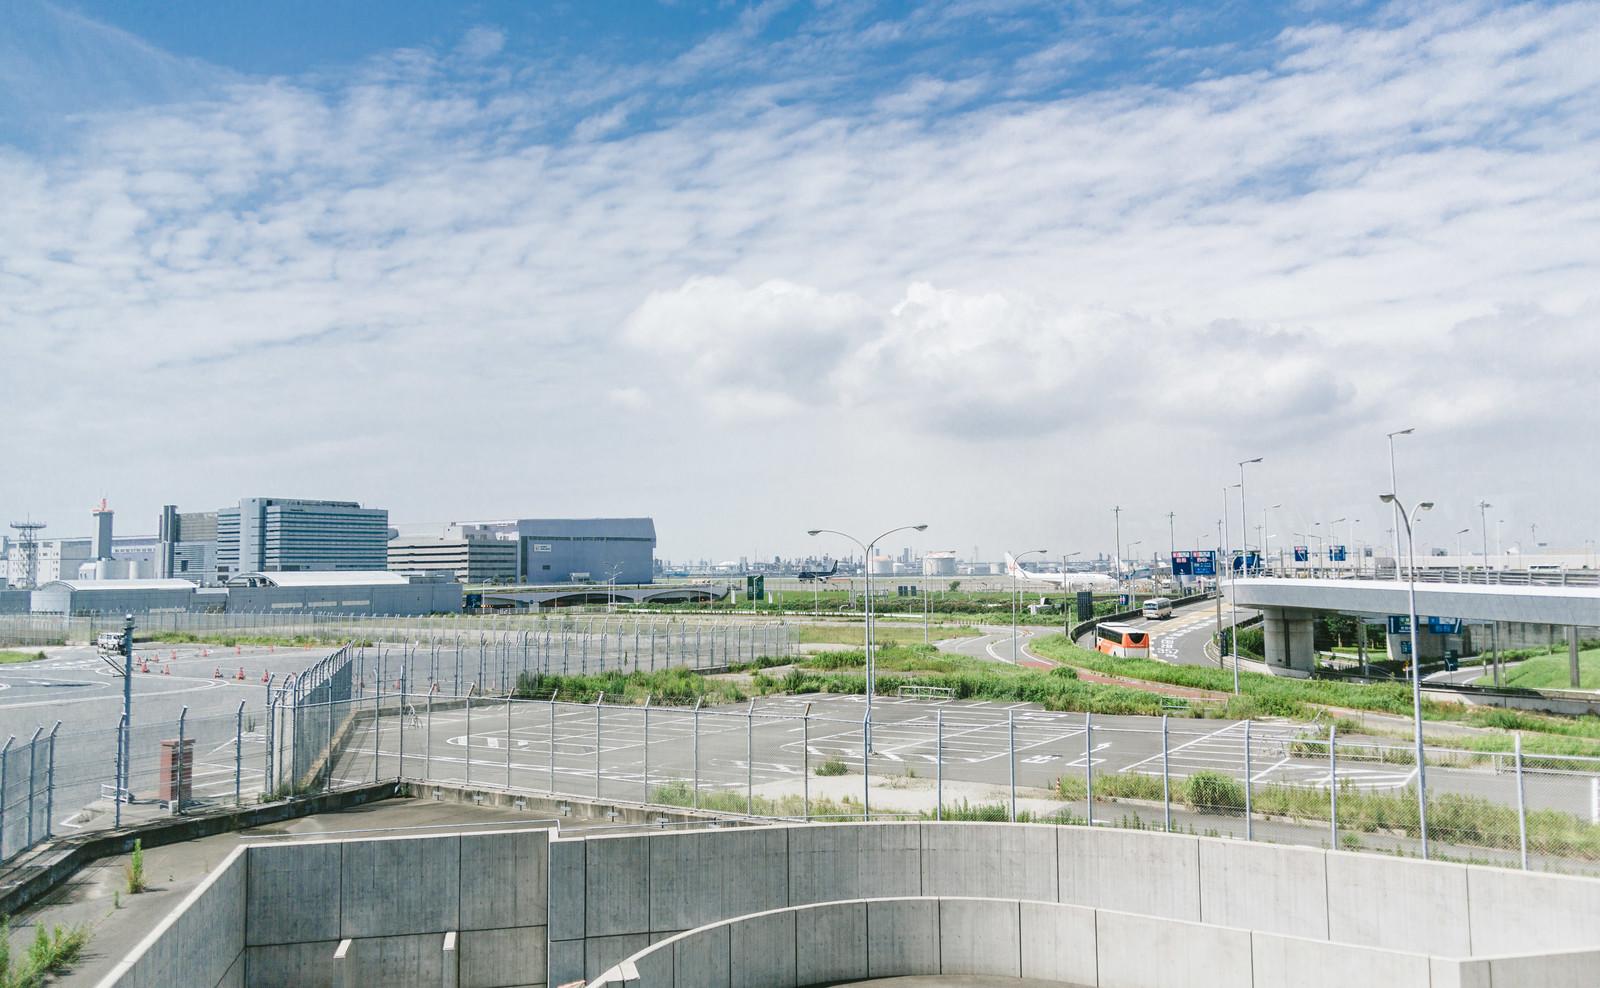 空港 駐 状況 羽田 車場 空き